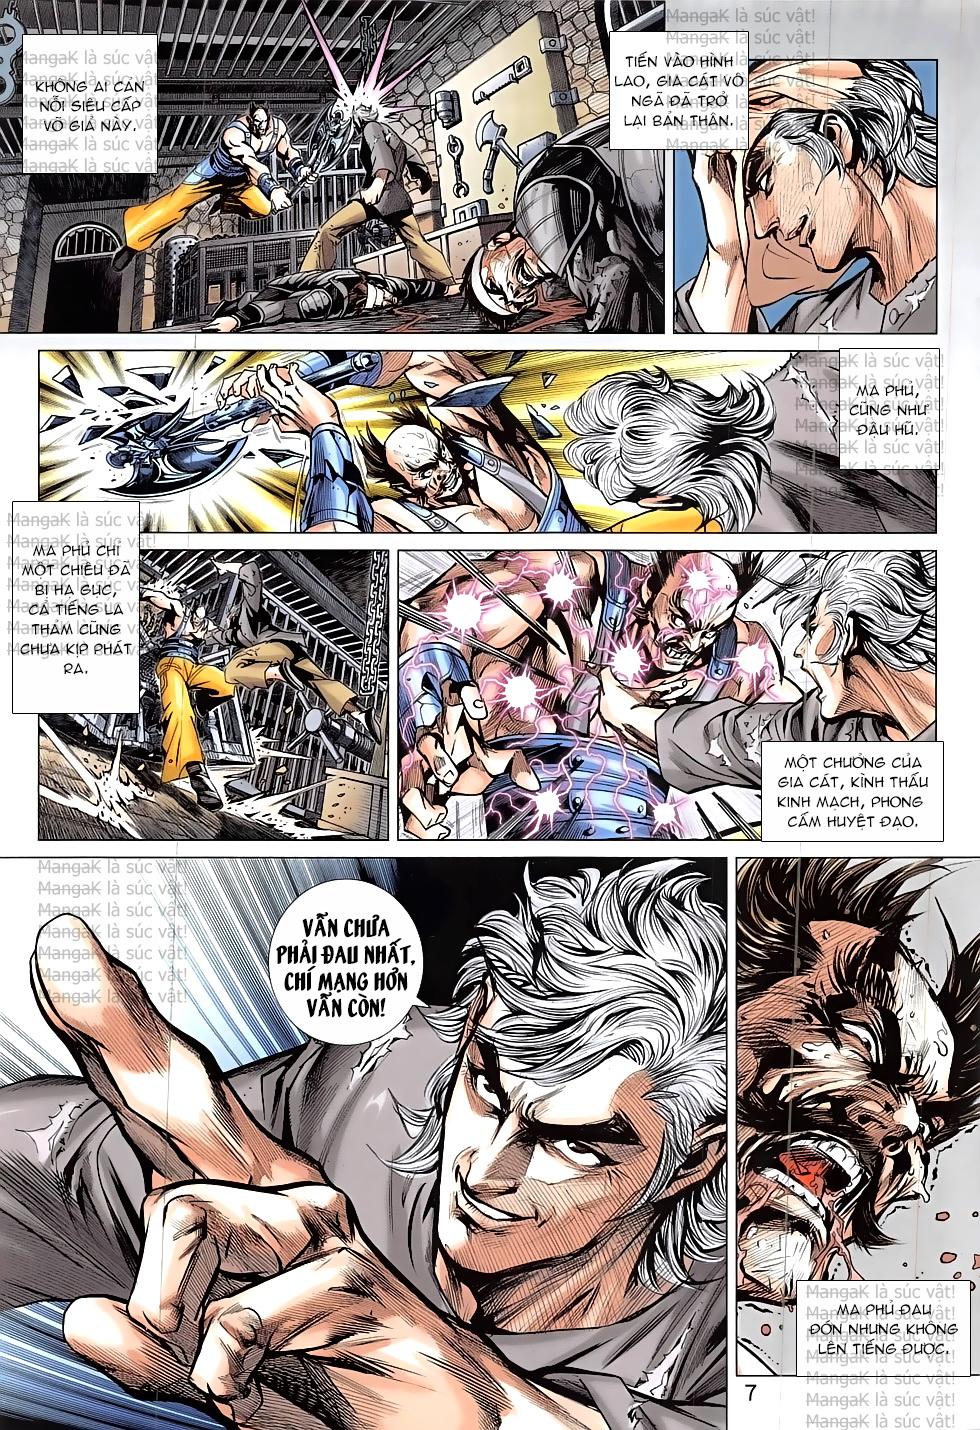 Tân Tác Long Hổ Môn Chap 824 page 7 - Truyentranhaz.net